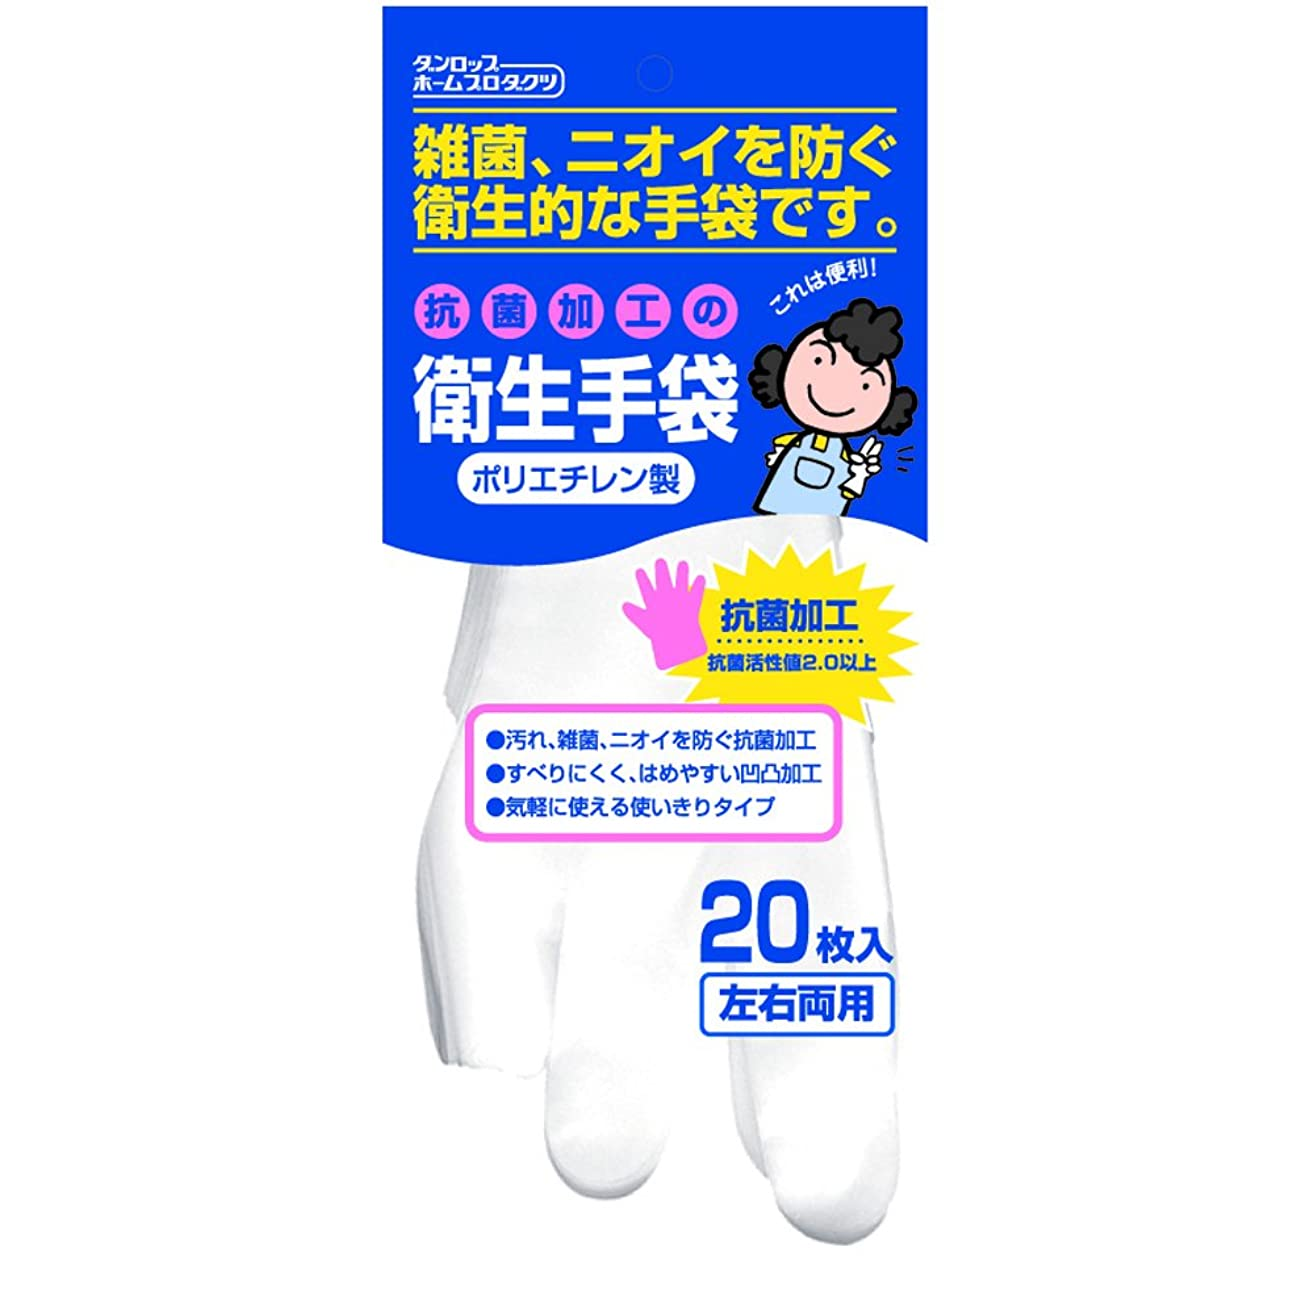 浴室請求書メキシコダンロップ ホームプロダクツ ビニール手袋 ポリエチレン 衛生 抗菌 クリア フリー 雑菌 ニオイを防ぐ衛生的な手袋  20枚入